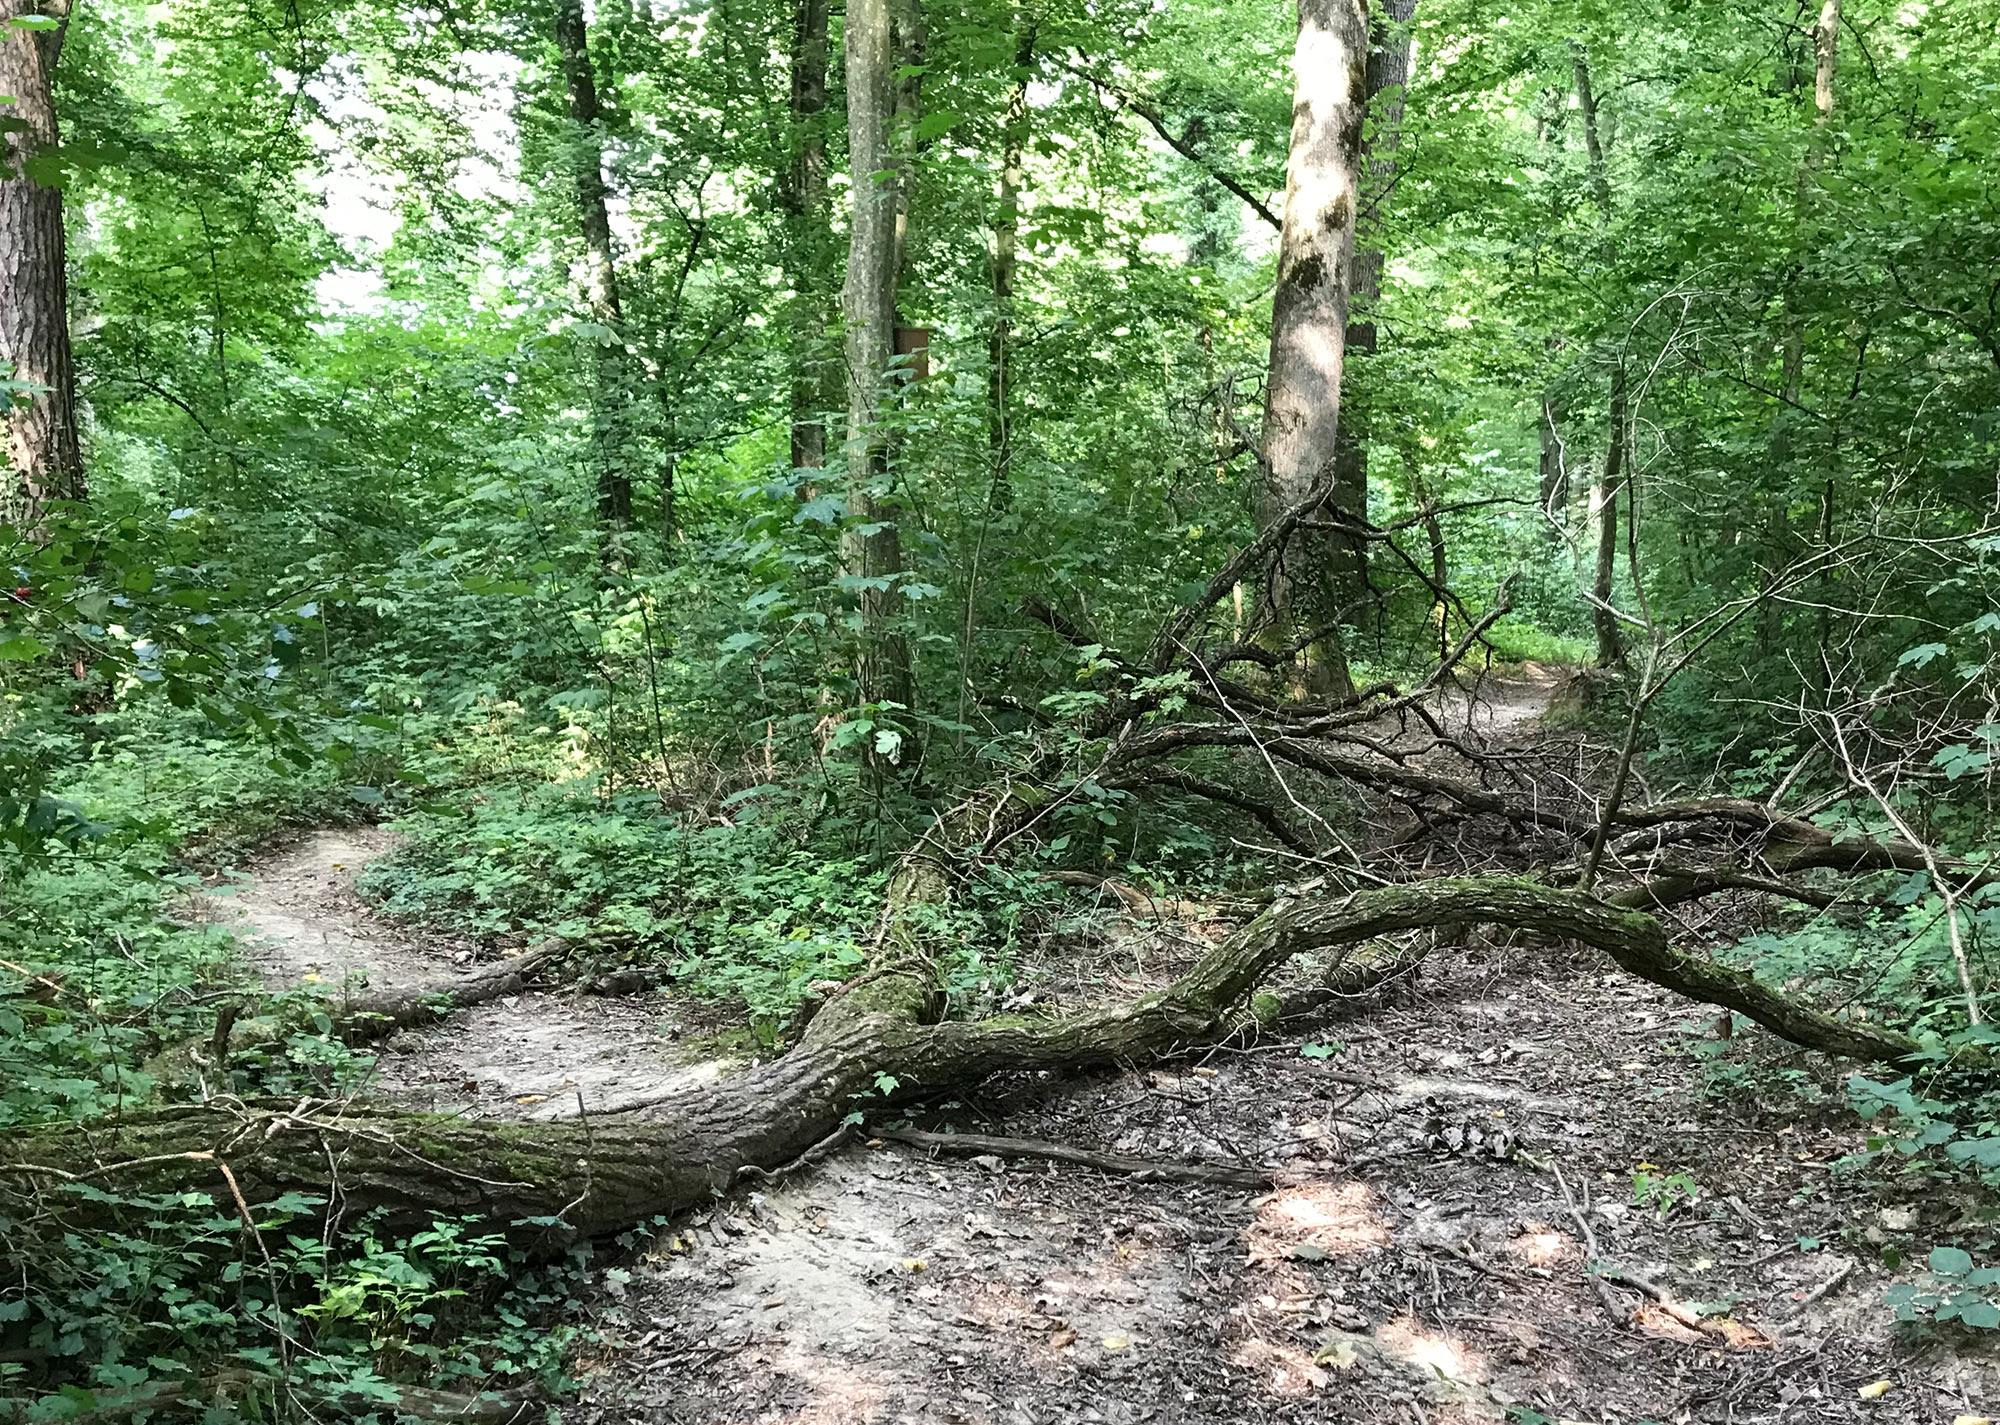 Ingrid Rönelt - Bäume auf dem Weg